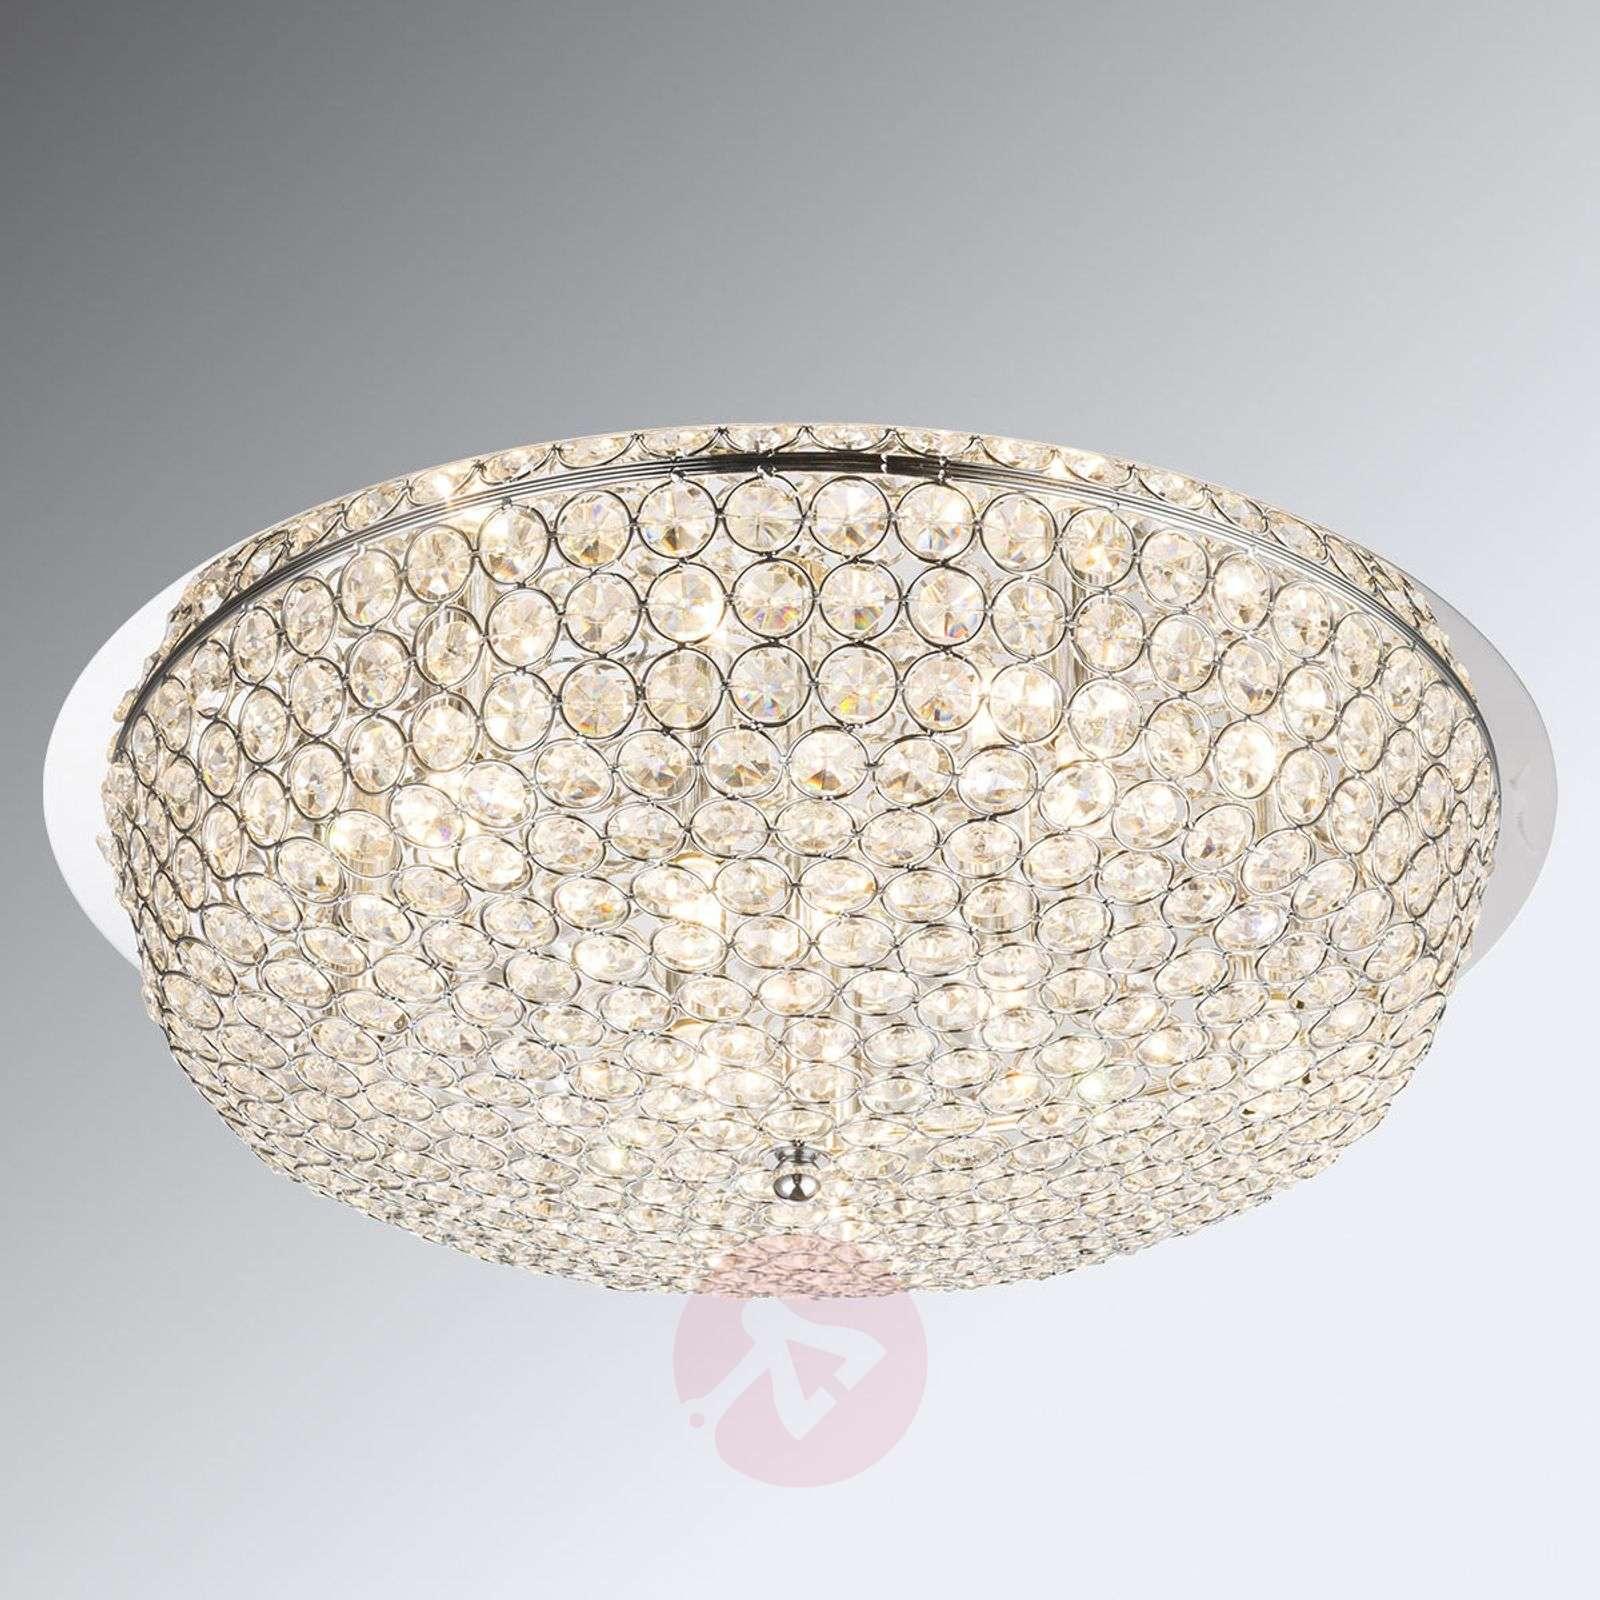 Kristallinen kattovalaisin Emilia, LED-lamput-4015079-01